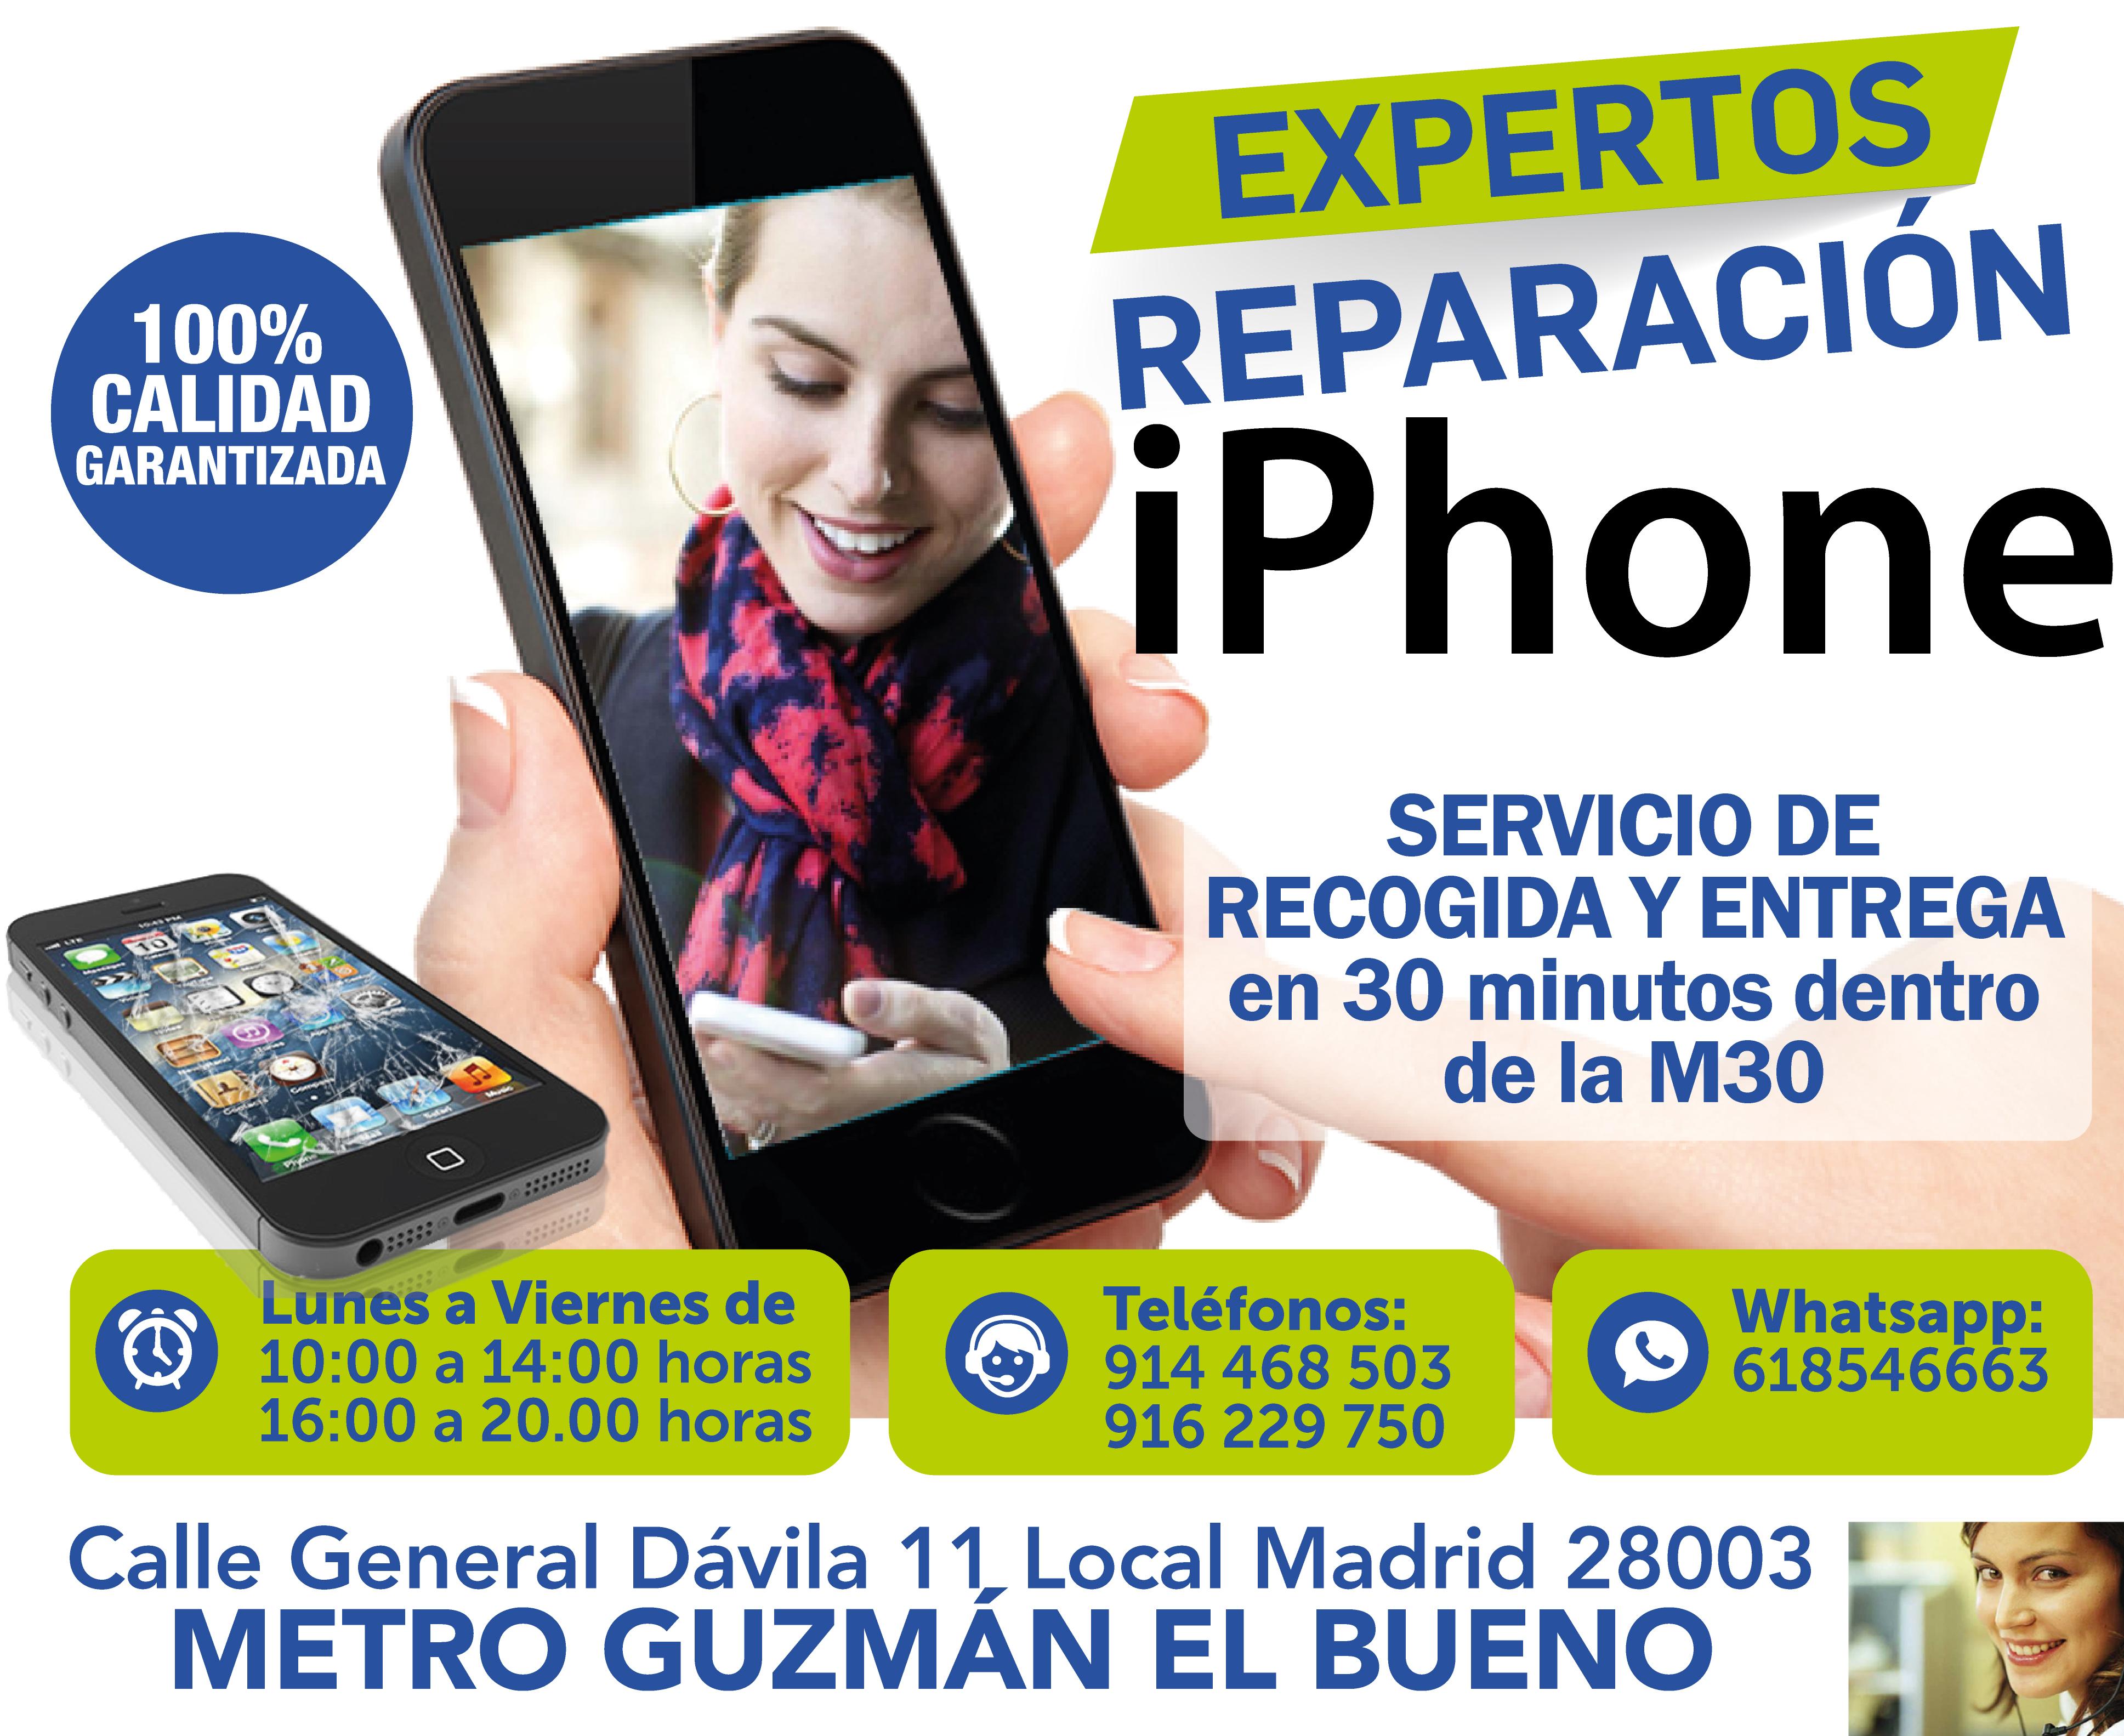 914468503 atencion personalizada al cliente en iphone madrid